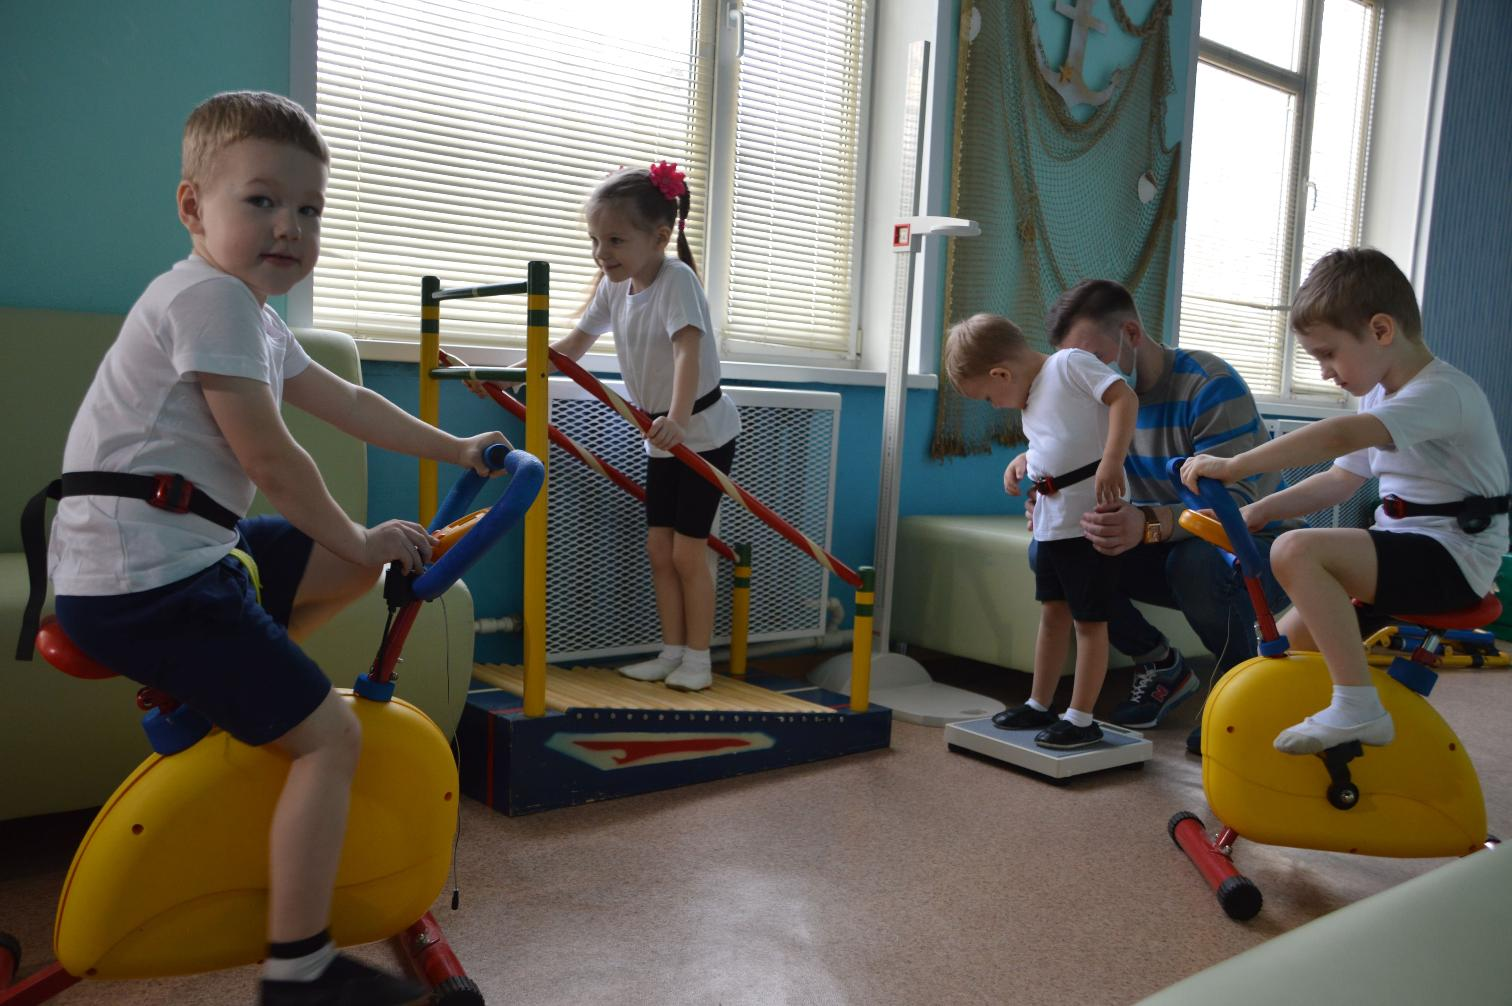 В Твери будут изучать, ведут ли дети здоровый образ жизни - новости Афанасий